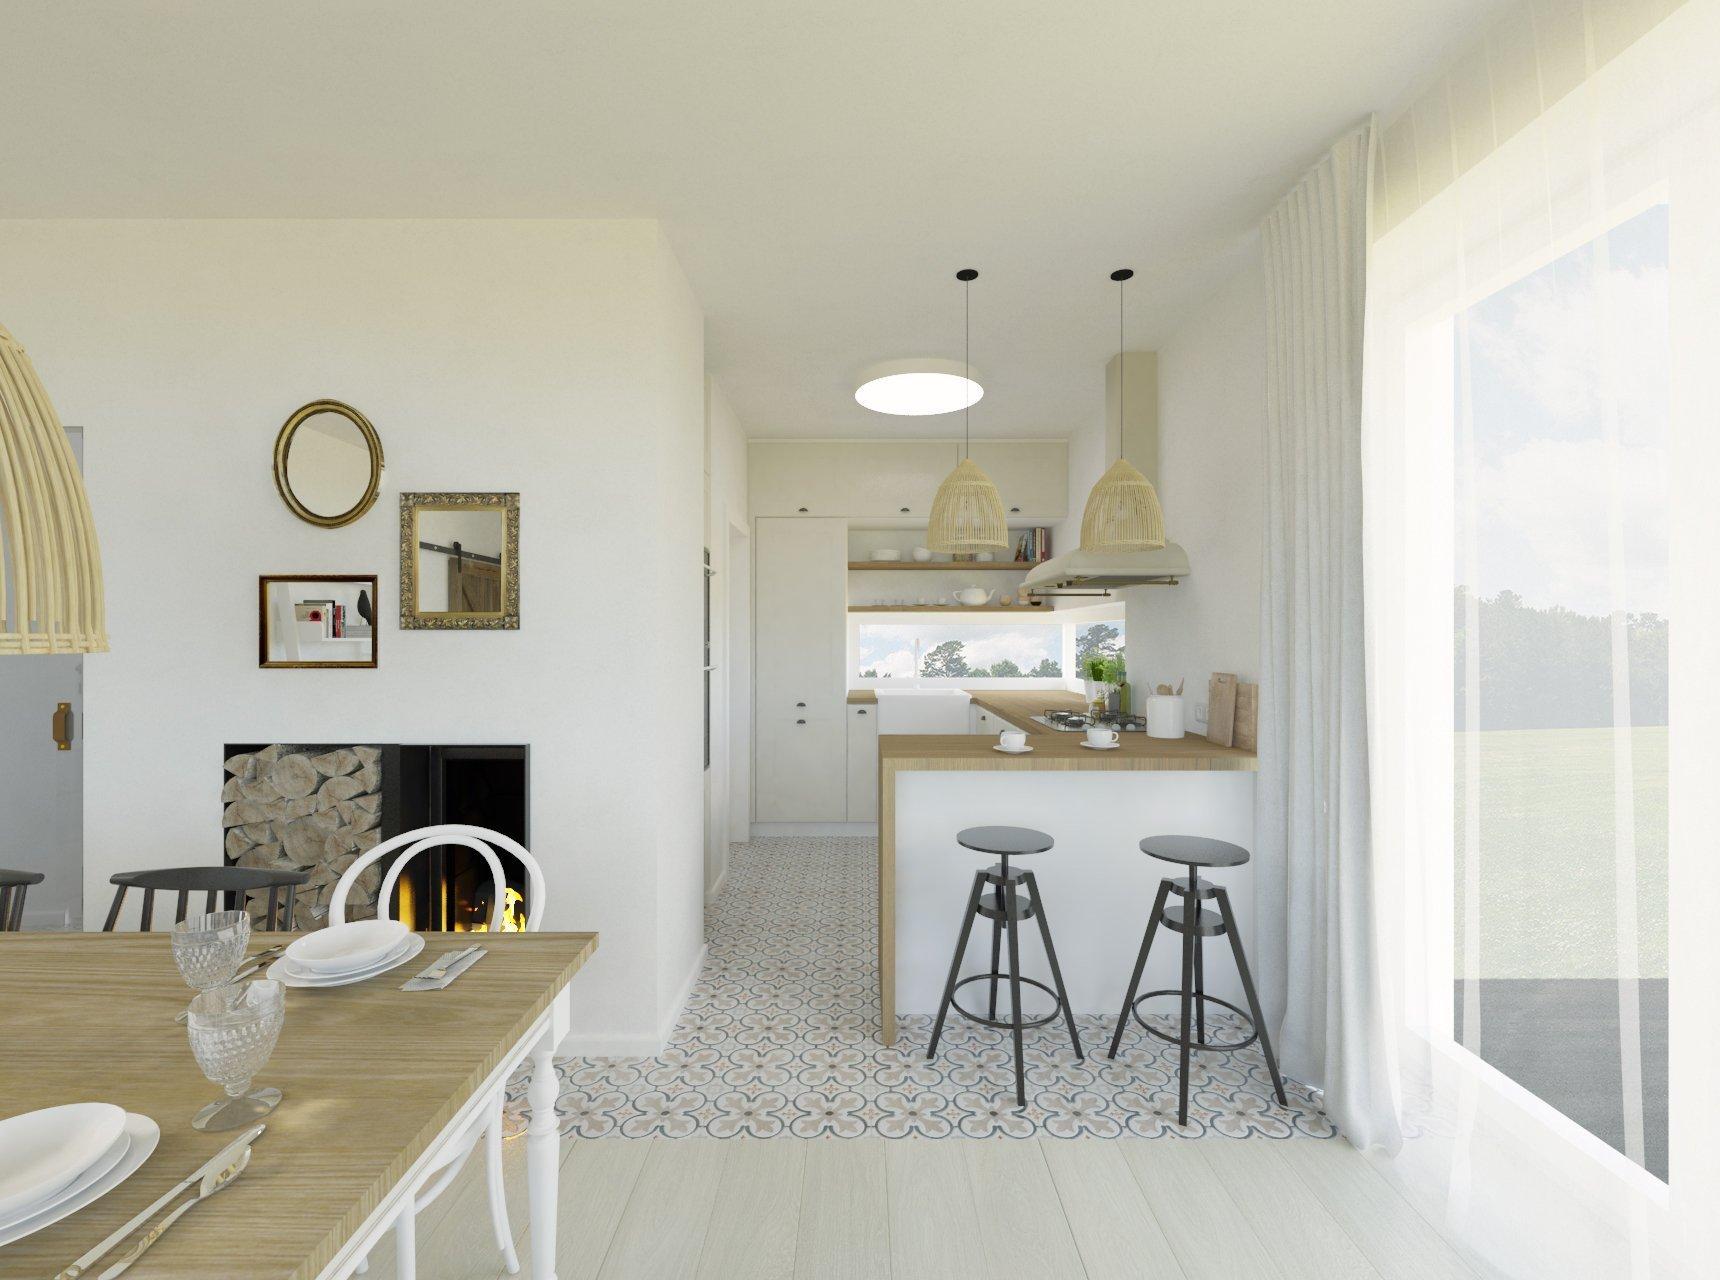 Interiér prízemia novostavby s nádychom provensálskeho štýlu. Biela kuchynská linka s masívnou drevenou pracovnou doskou je doplnená o dizajnový digestor a…